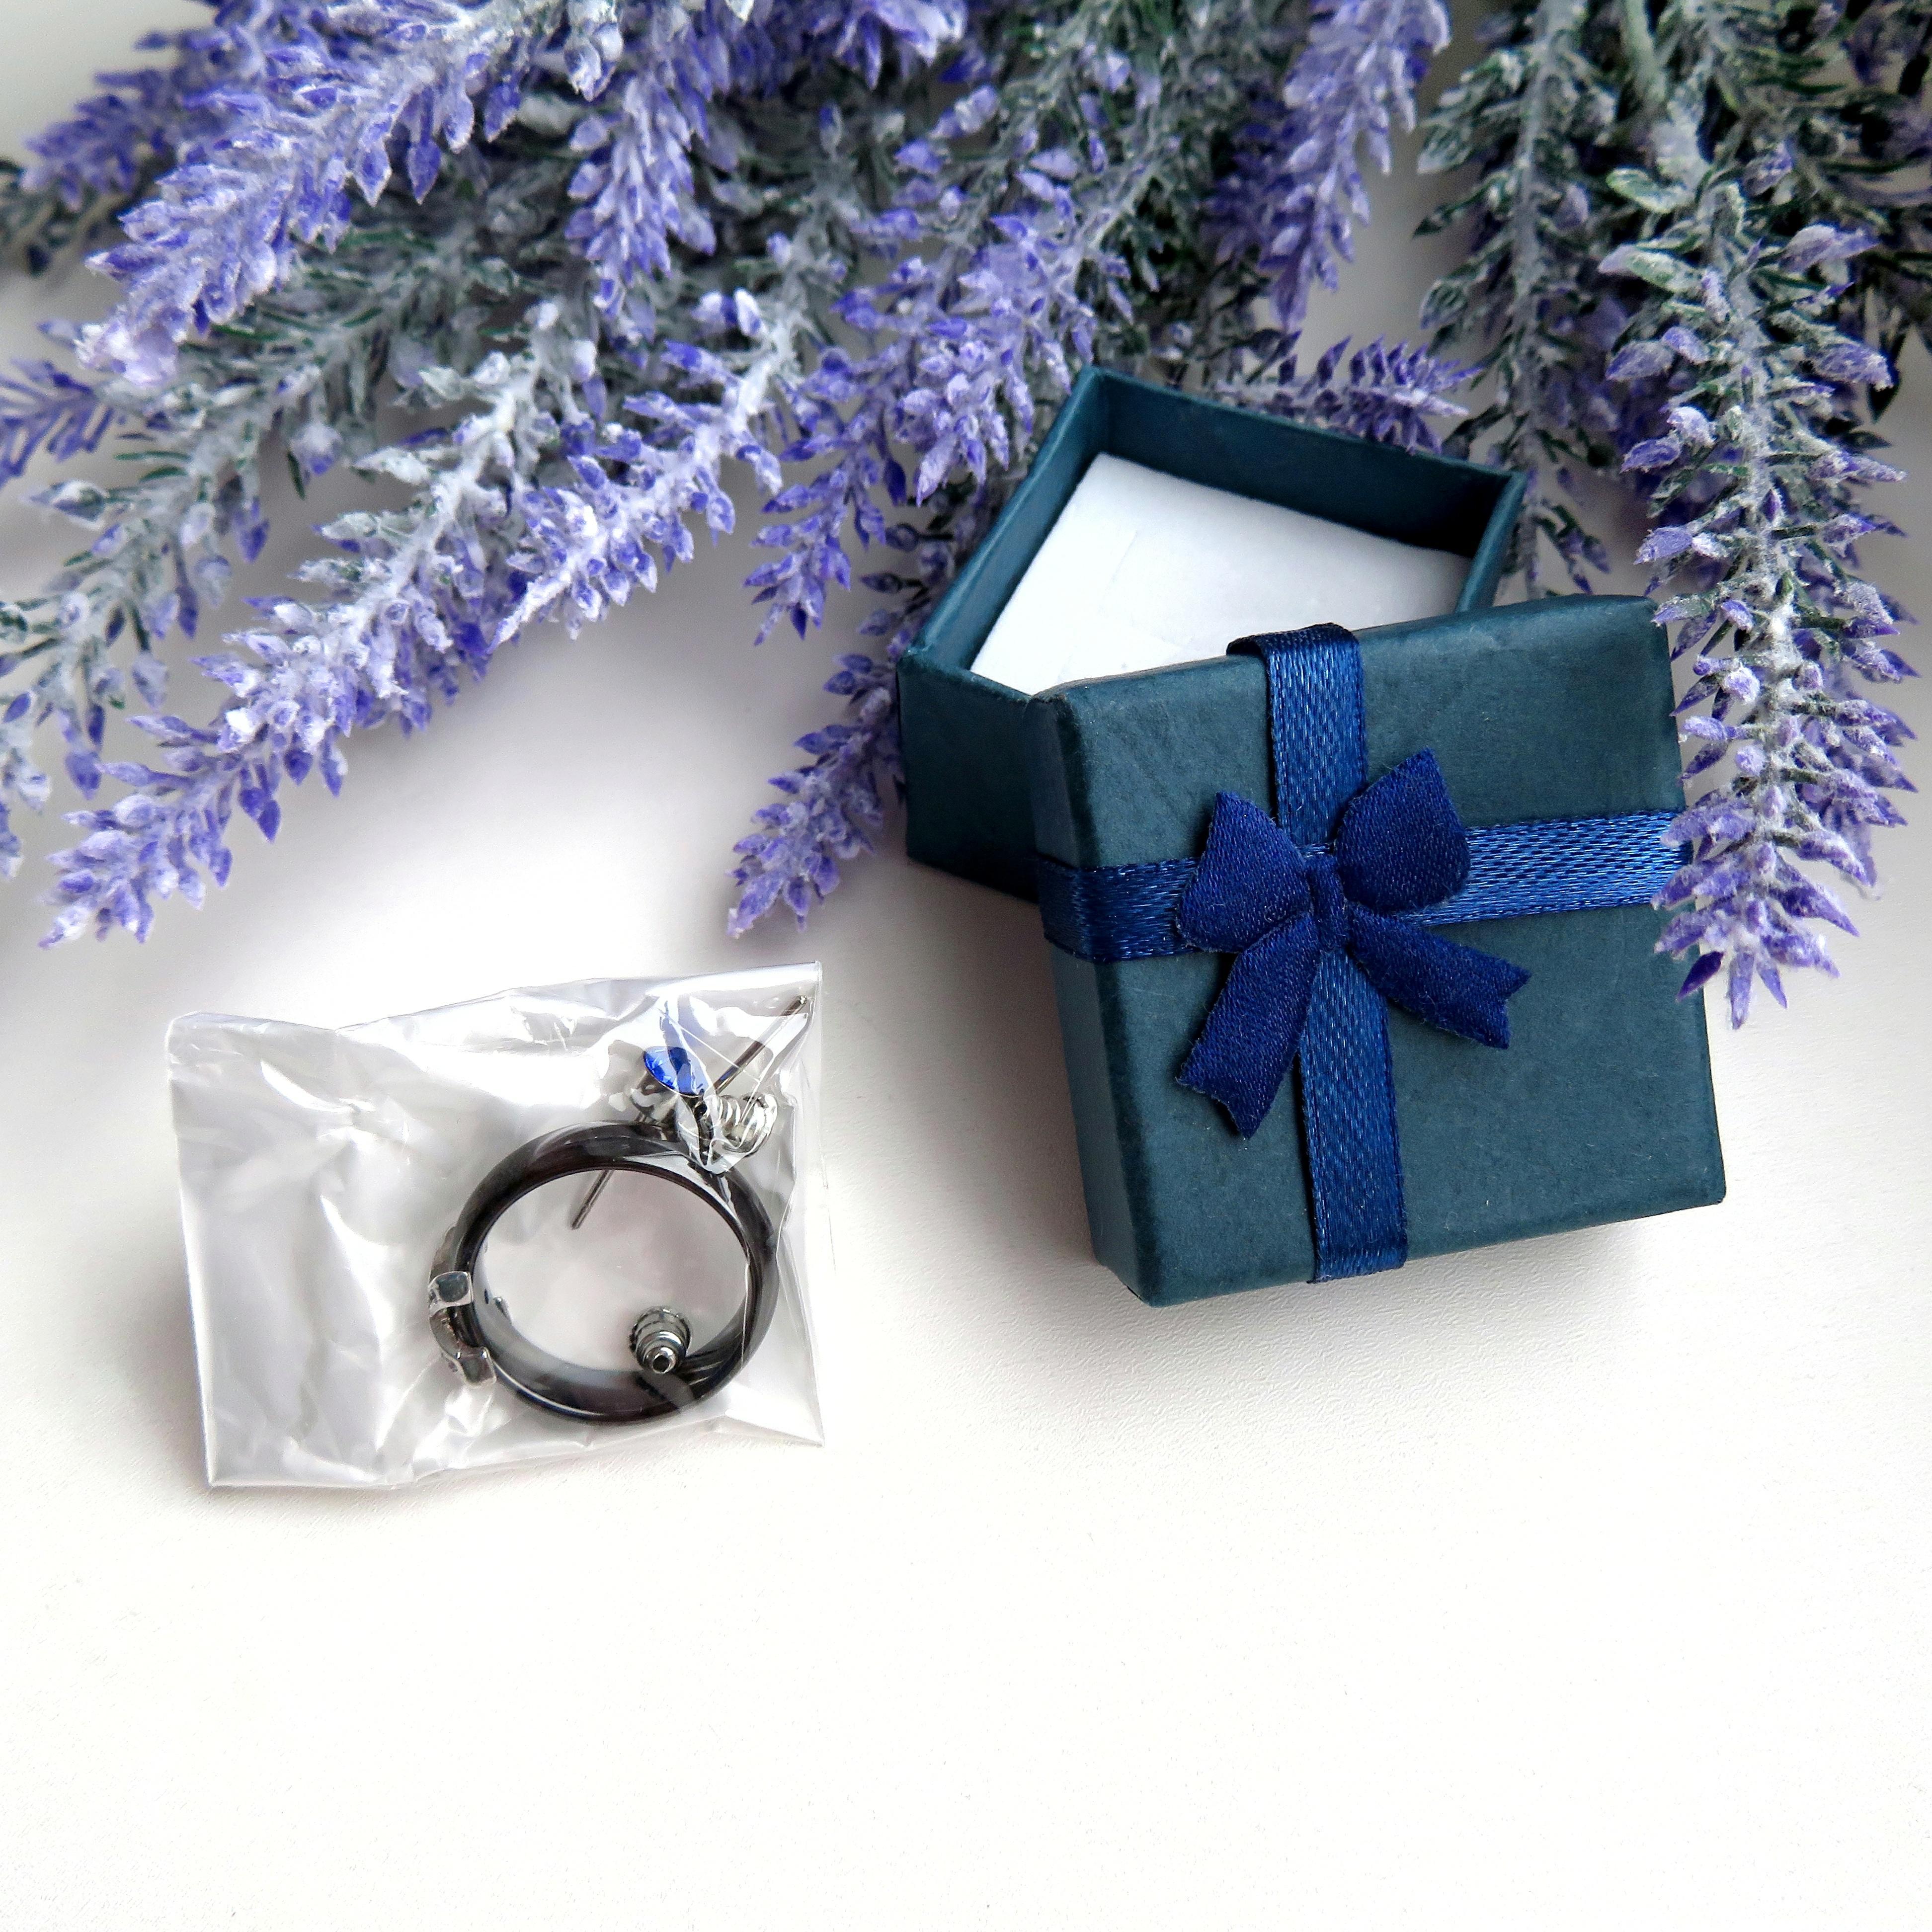 Элегантное кольцо из керамики с декоративным элементом из металла и фианитов